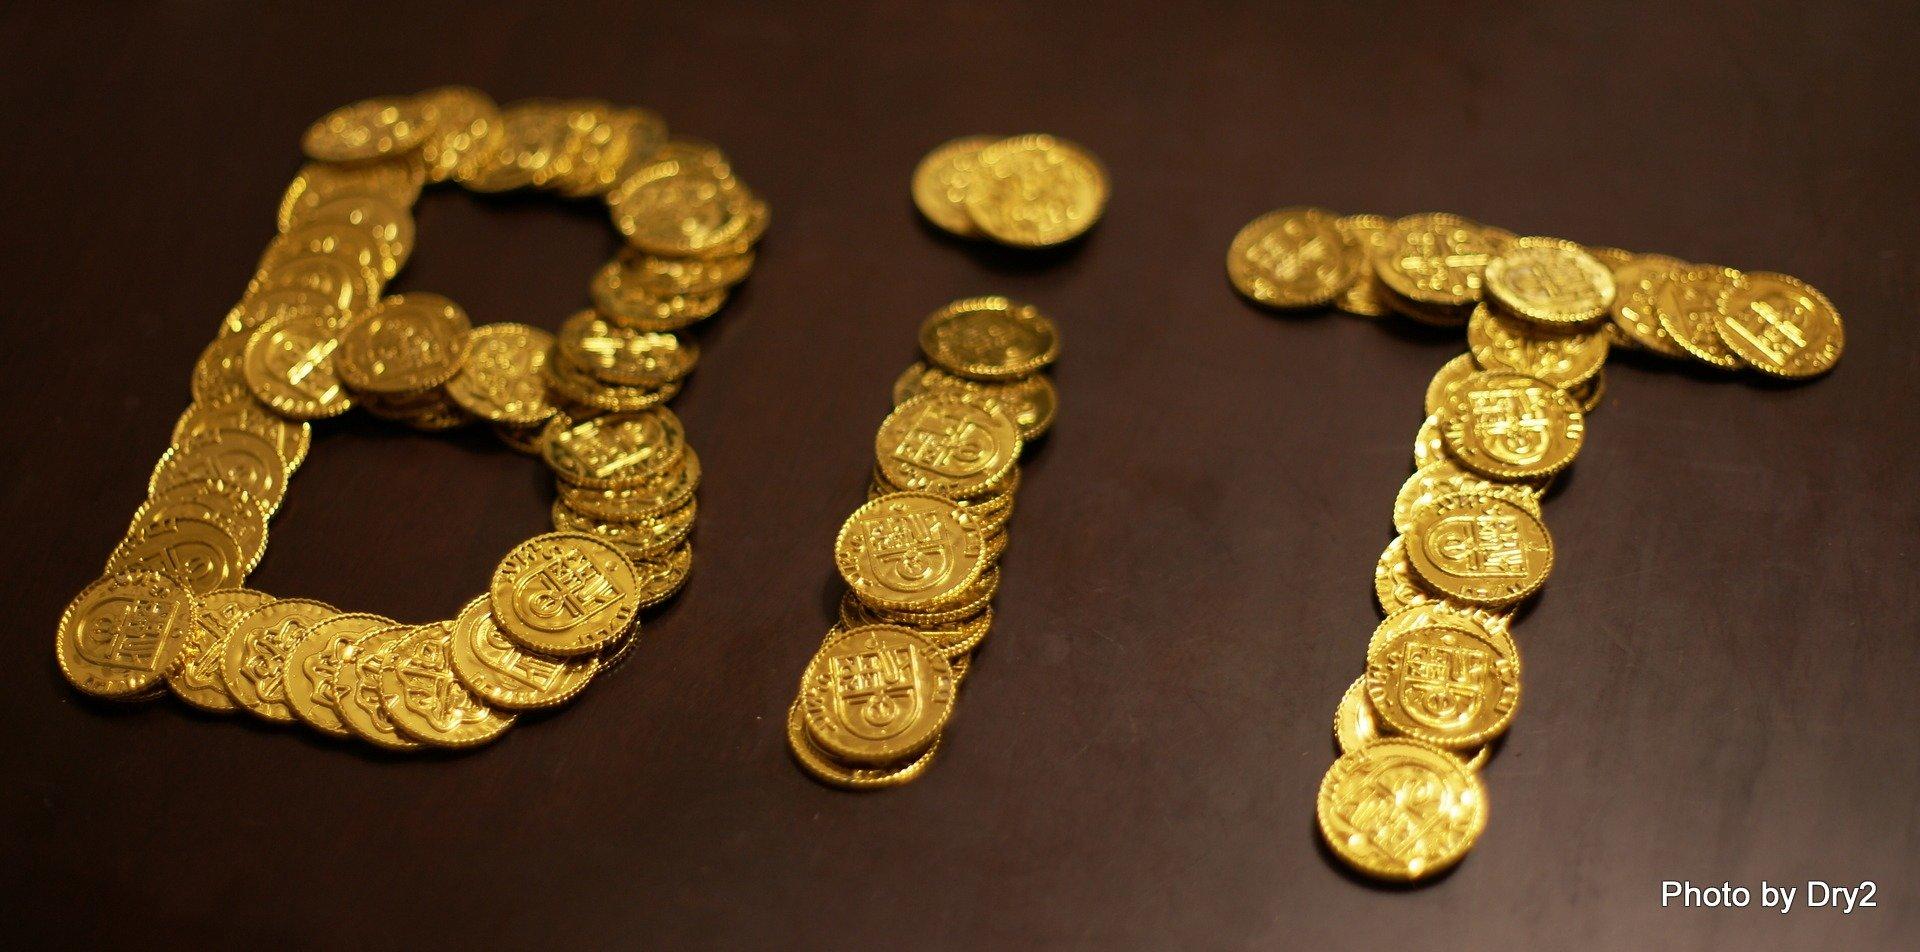 Nutzer sollten sicherstellen, dass ihre Bitcoins im richtigen Account lagern.